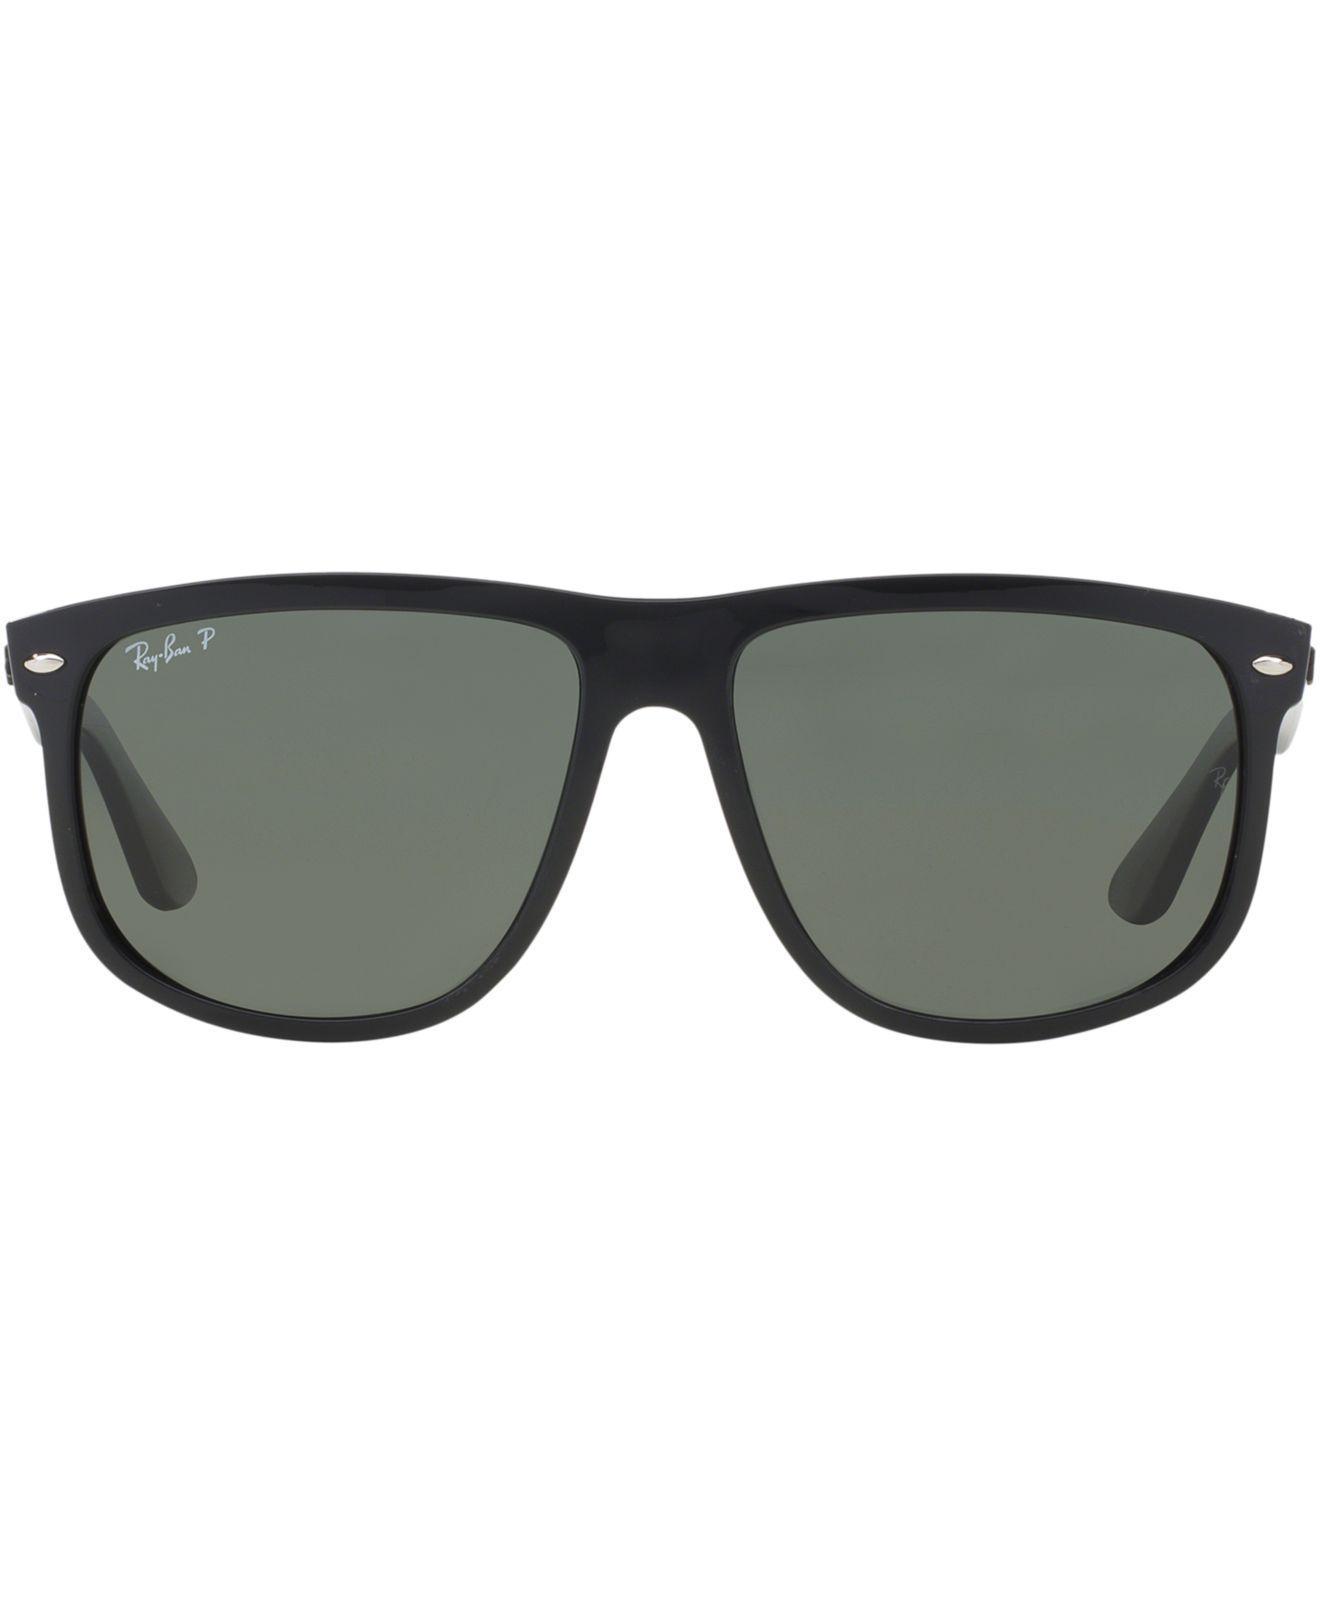 7a8c3a482564c ... good lyst ray ban polarized boyfriend sunglasses rb4147 56 in black  4be15 6a5b4